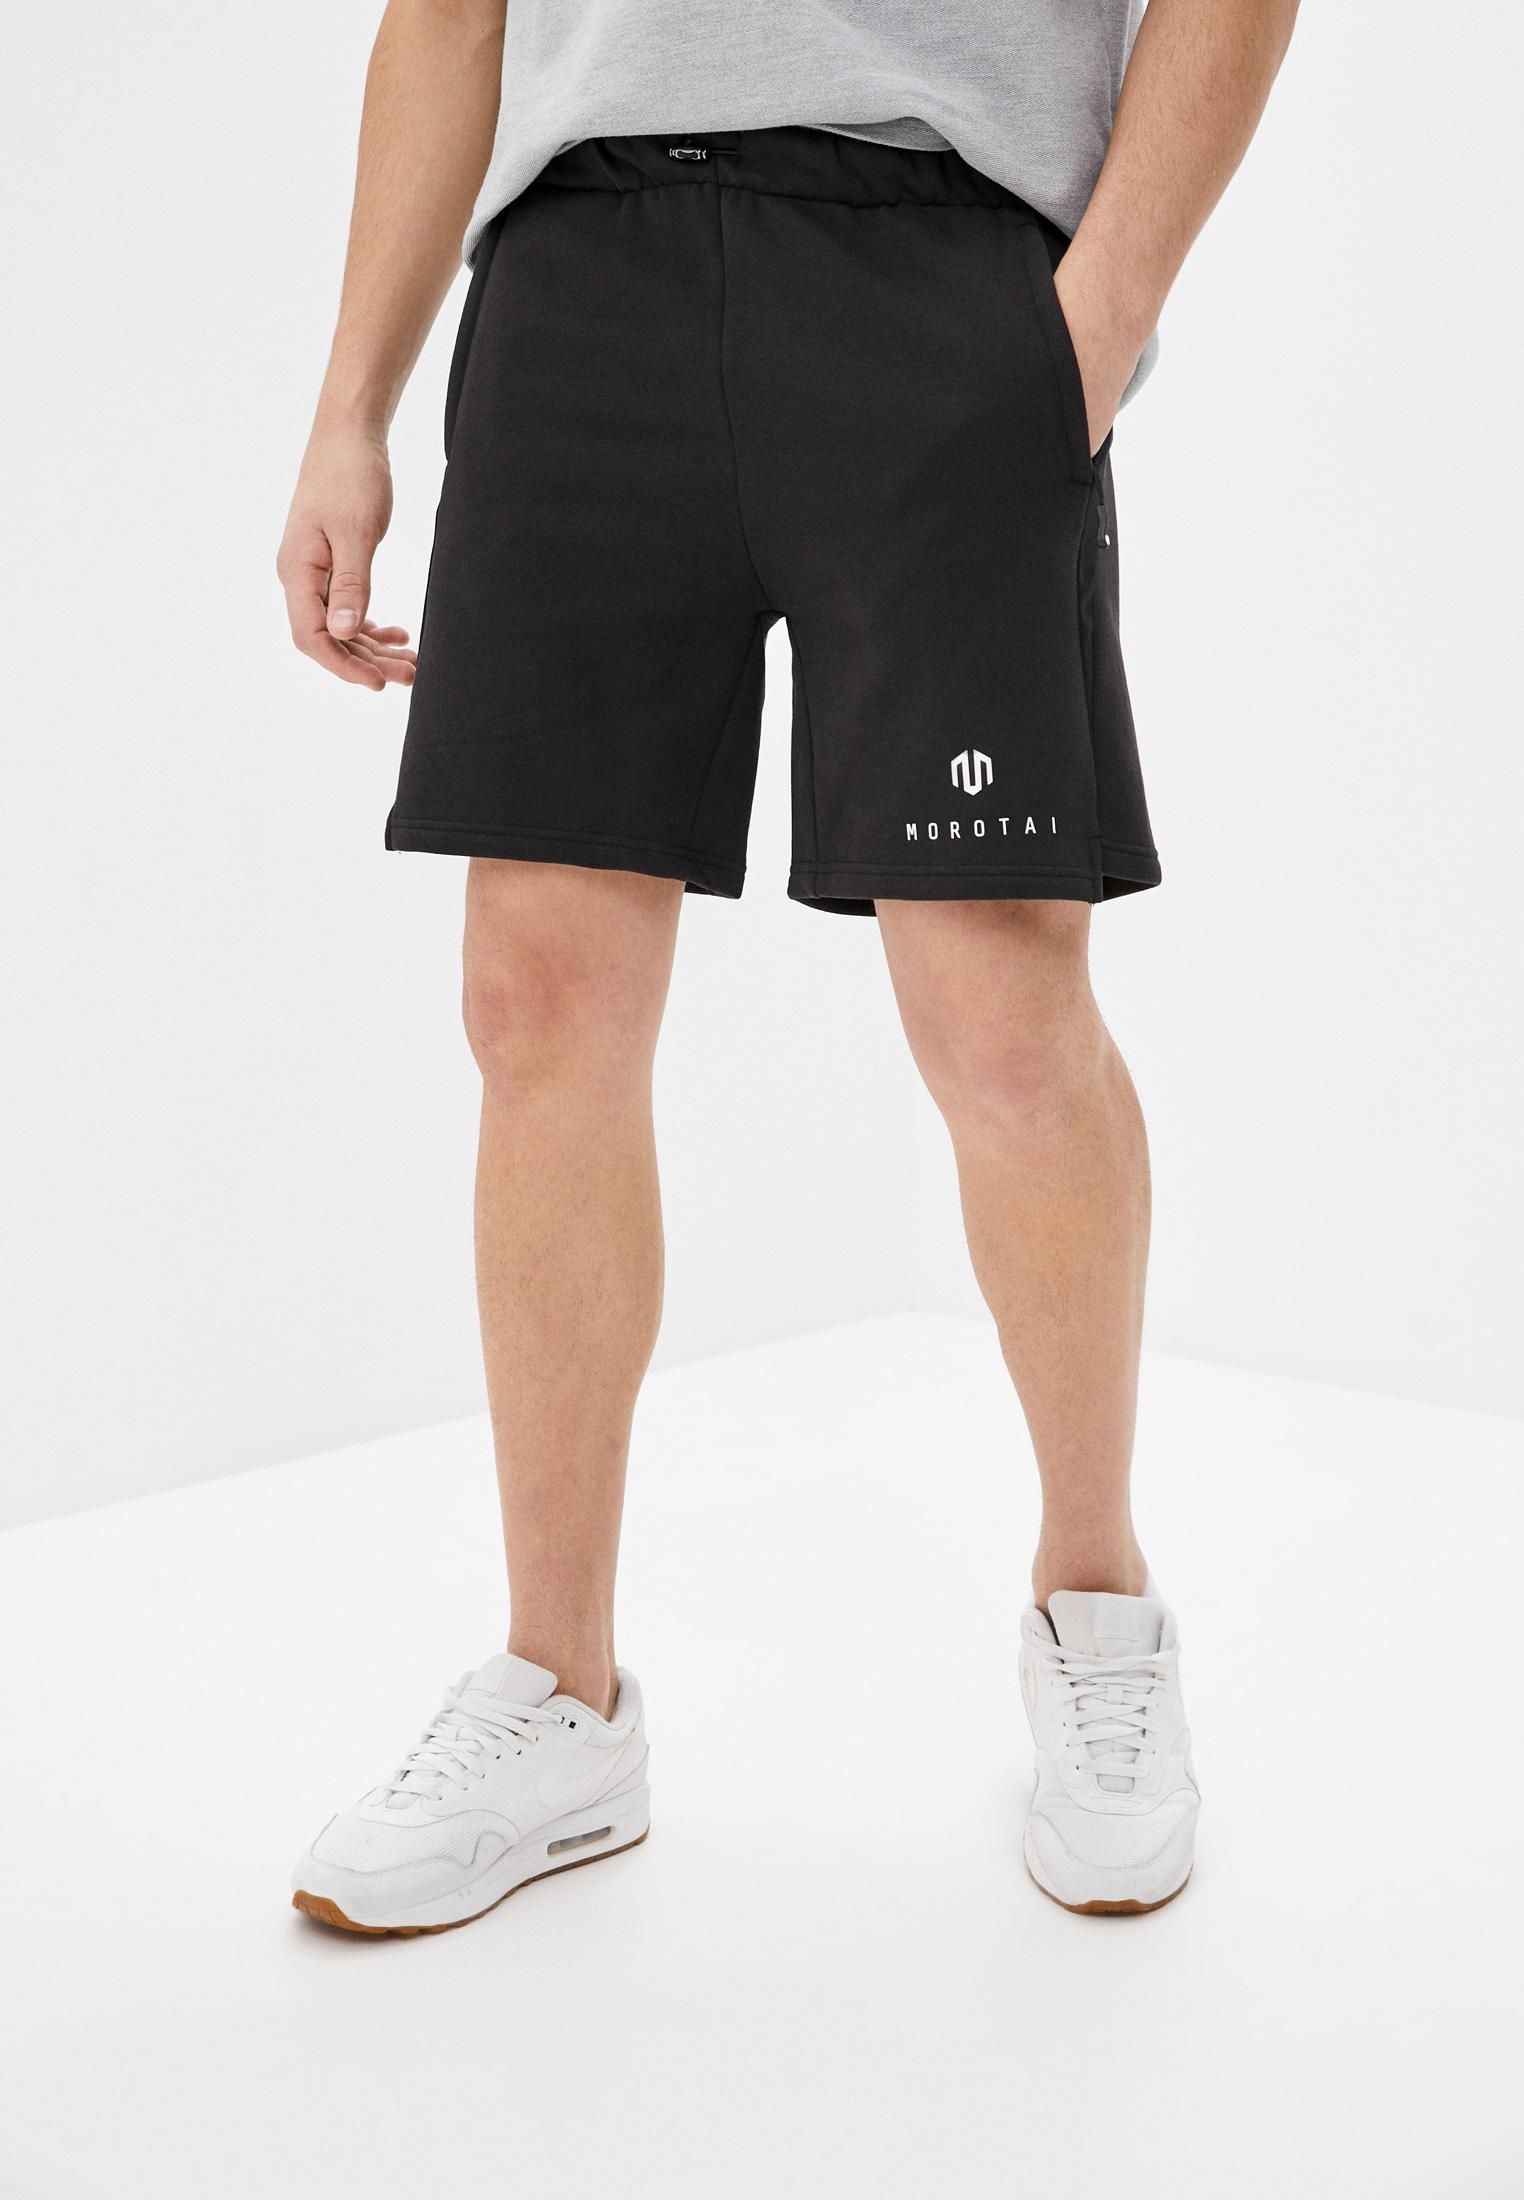 Мужские спортивные шорты MOROTAI M-203B106